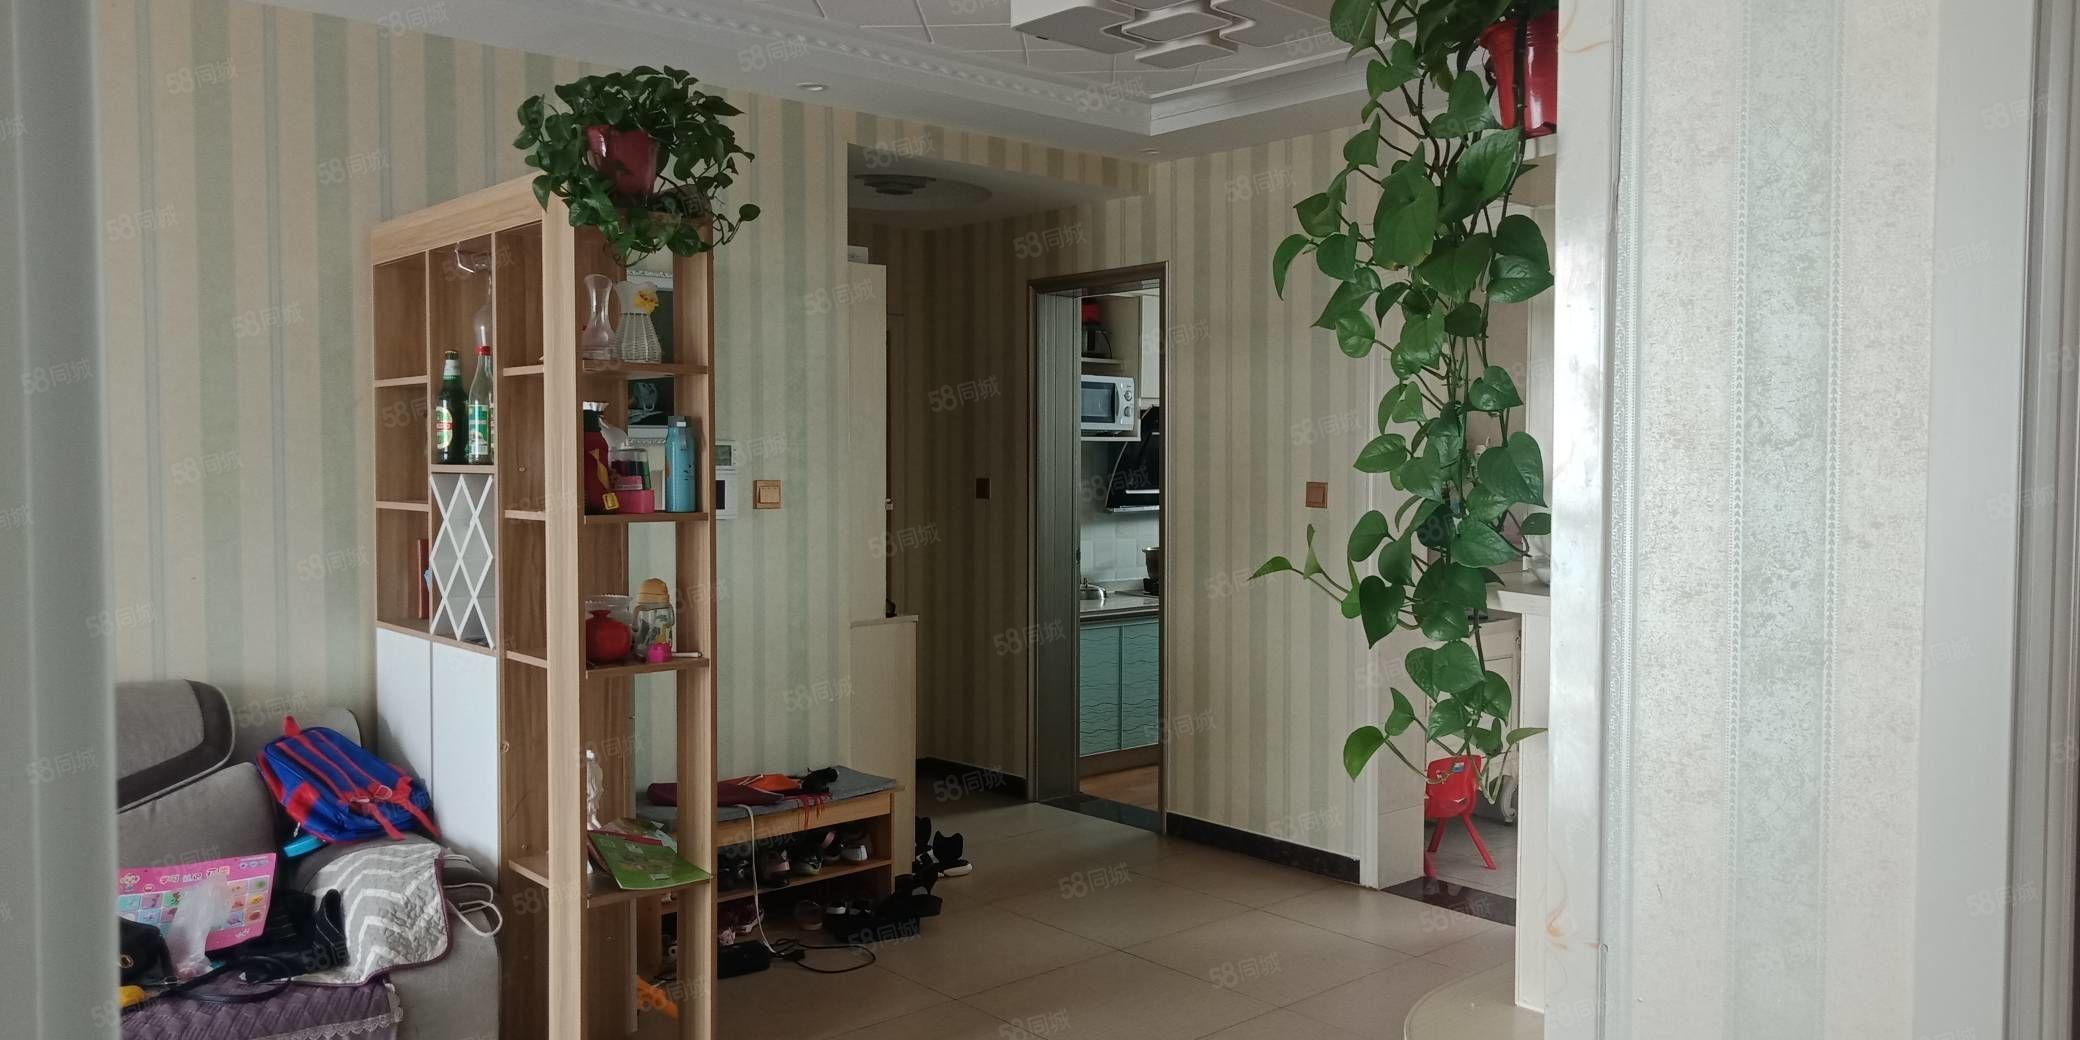 悦澜山有证可贷观景高层南北通透精装三室看房方便诚售